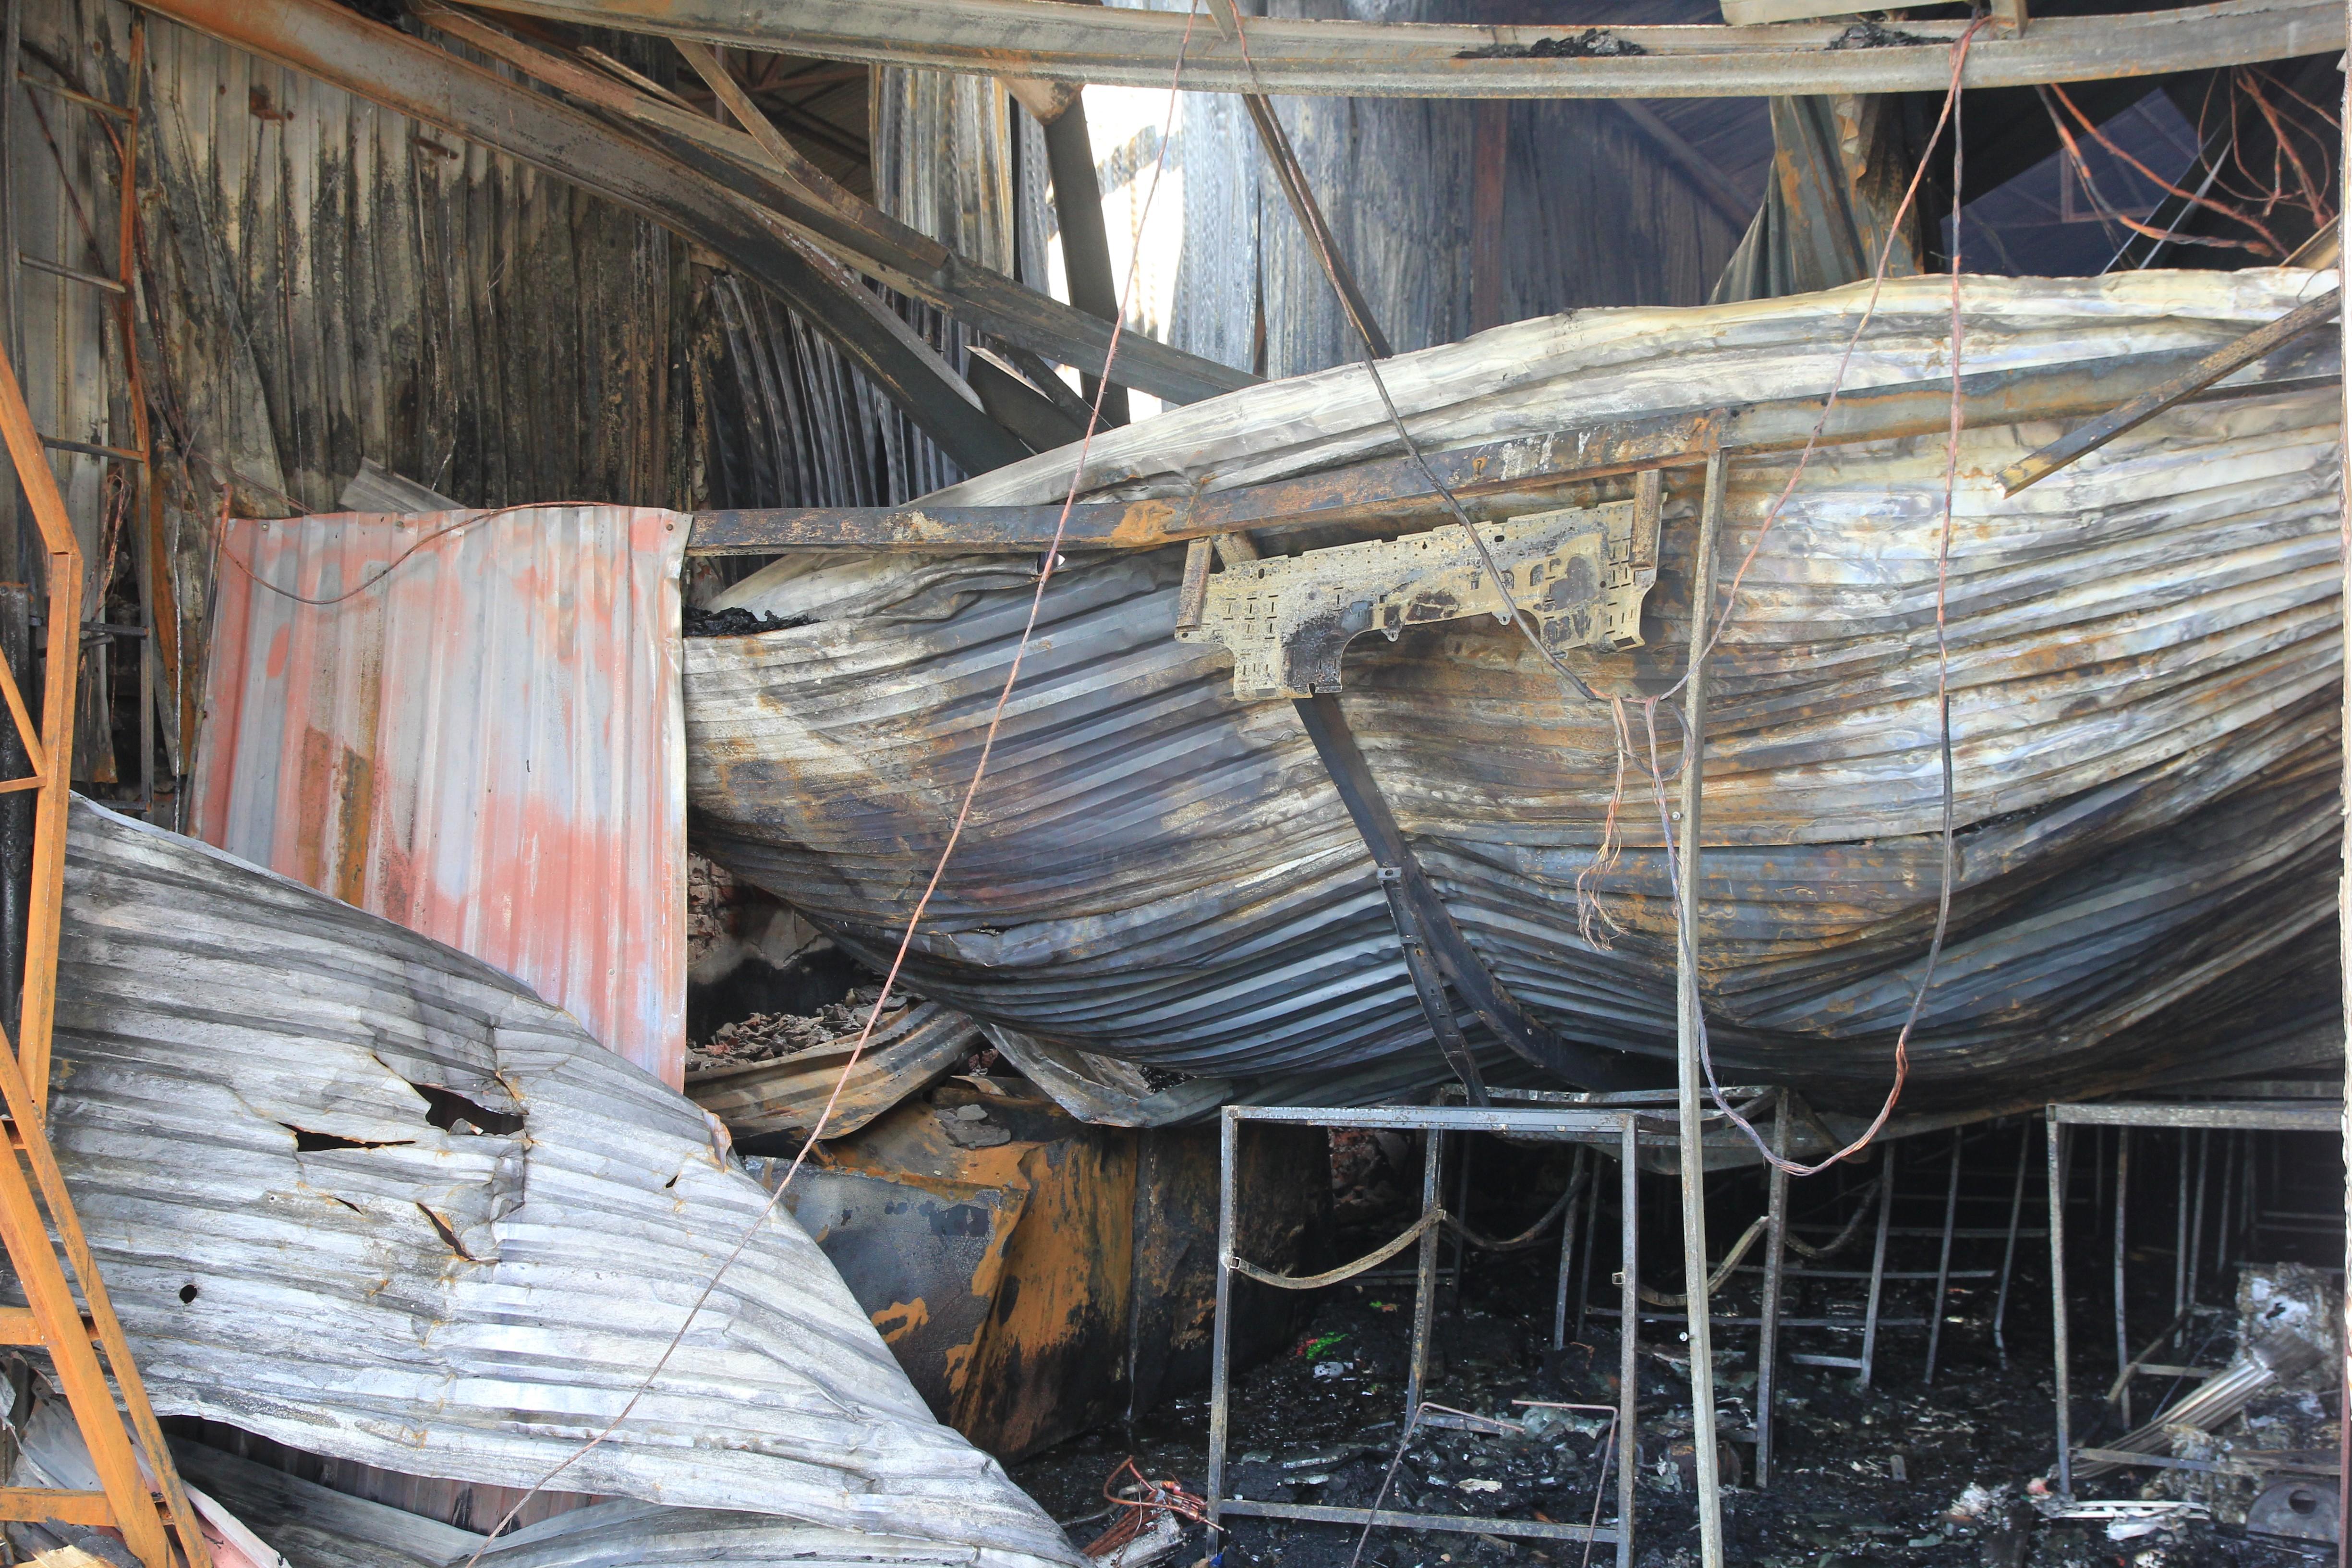 Hình ảnh hiện trường vụ cháy xưởng bánh kẹo làm 8 công nhân tử vong ở Hoài Đức- Ảnh 3.